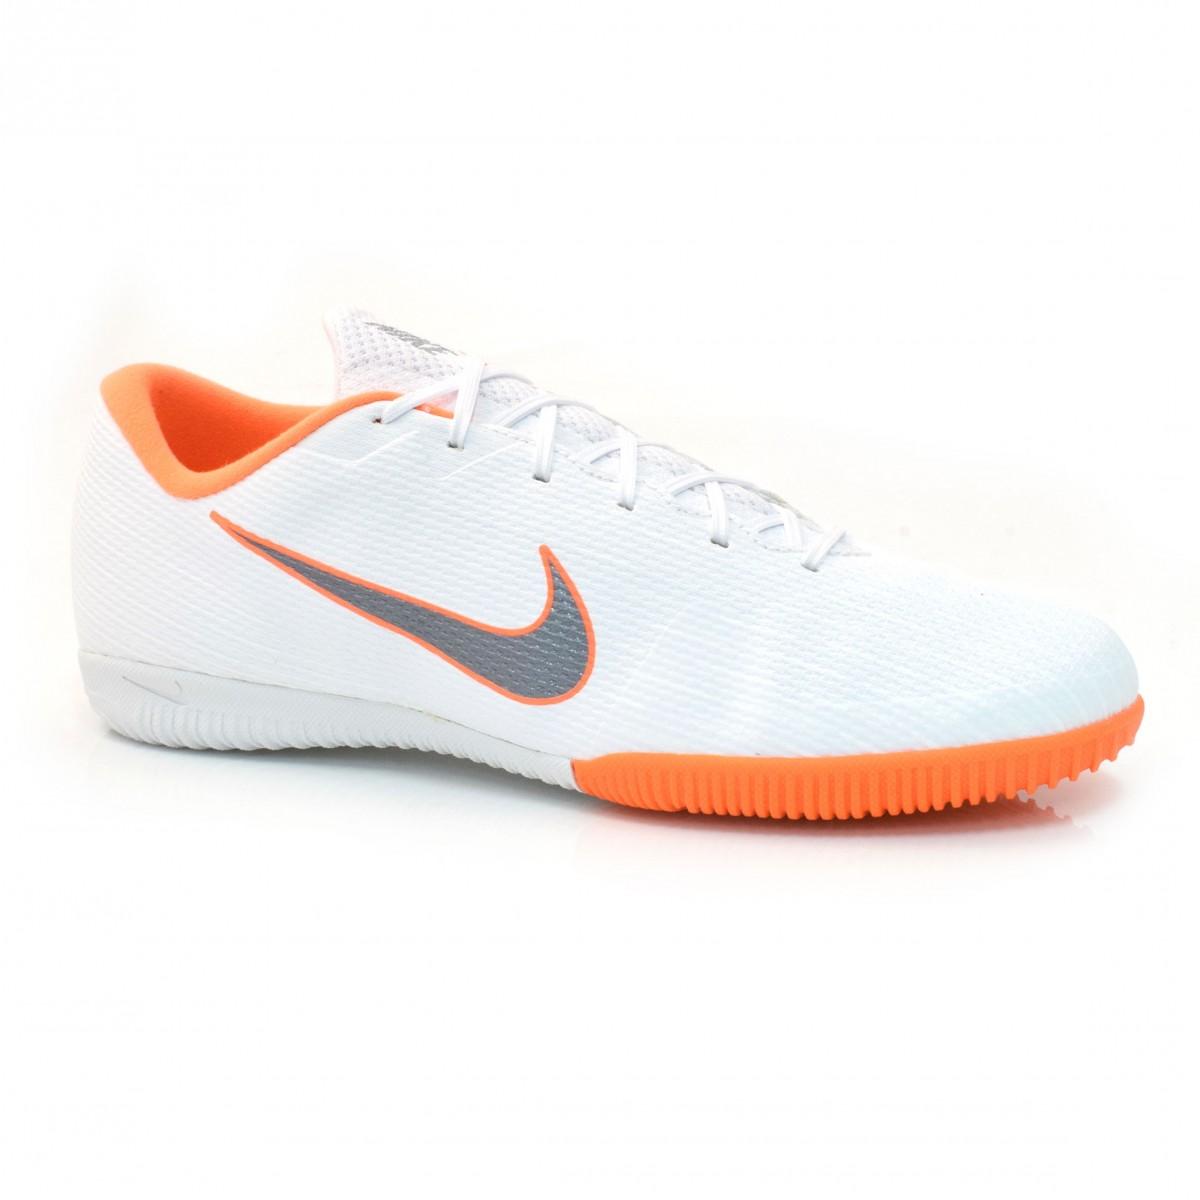 Tênis Indoor Nike Mercurial BRANCO LARANJA Com o Melhor Preço na Vizzent 8ac2d58db5286